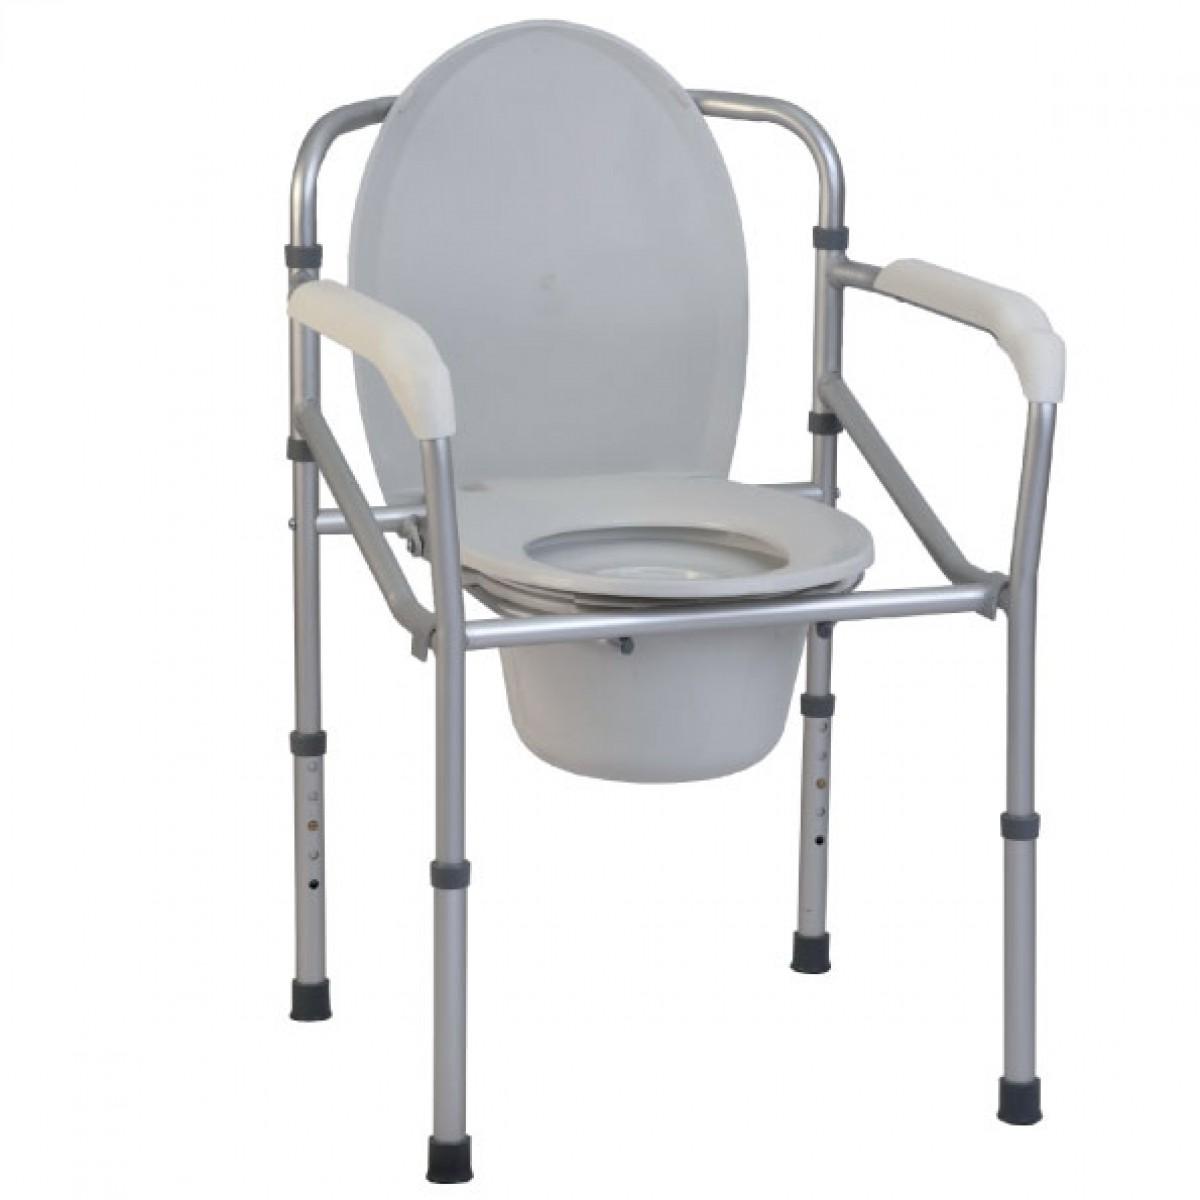 Sedia comoda con wc per disabili termigea ba33 - Sedia da bagno per disabili ...